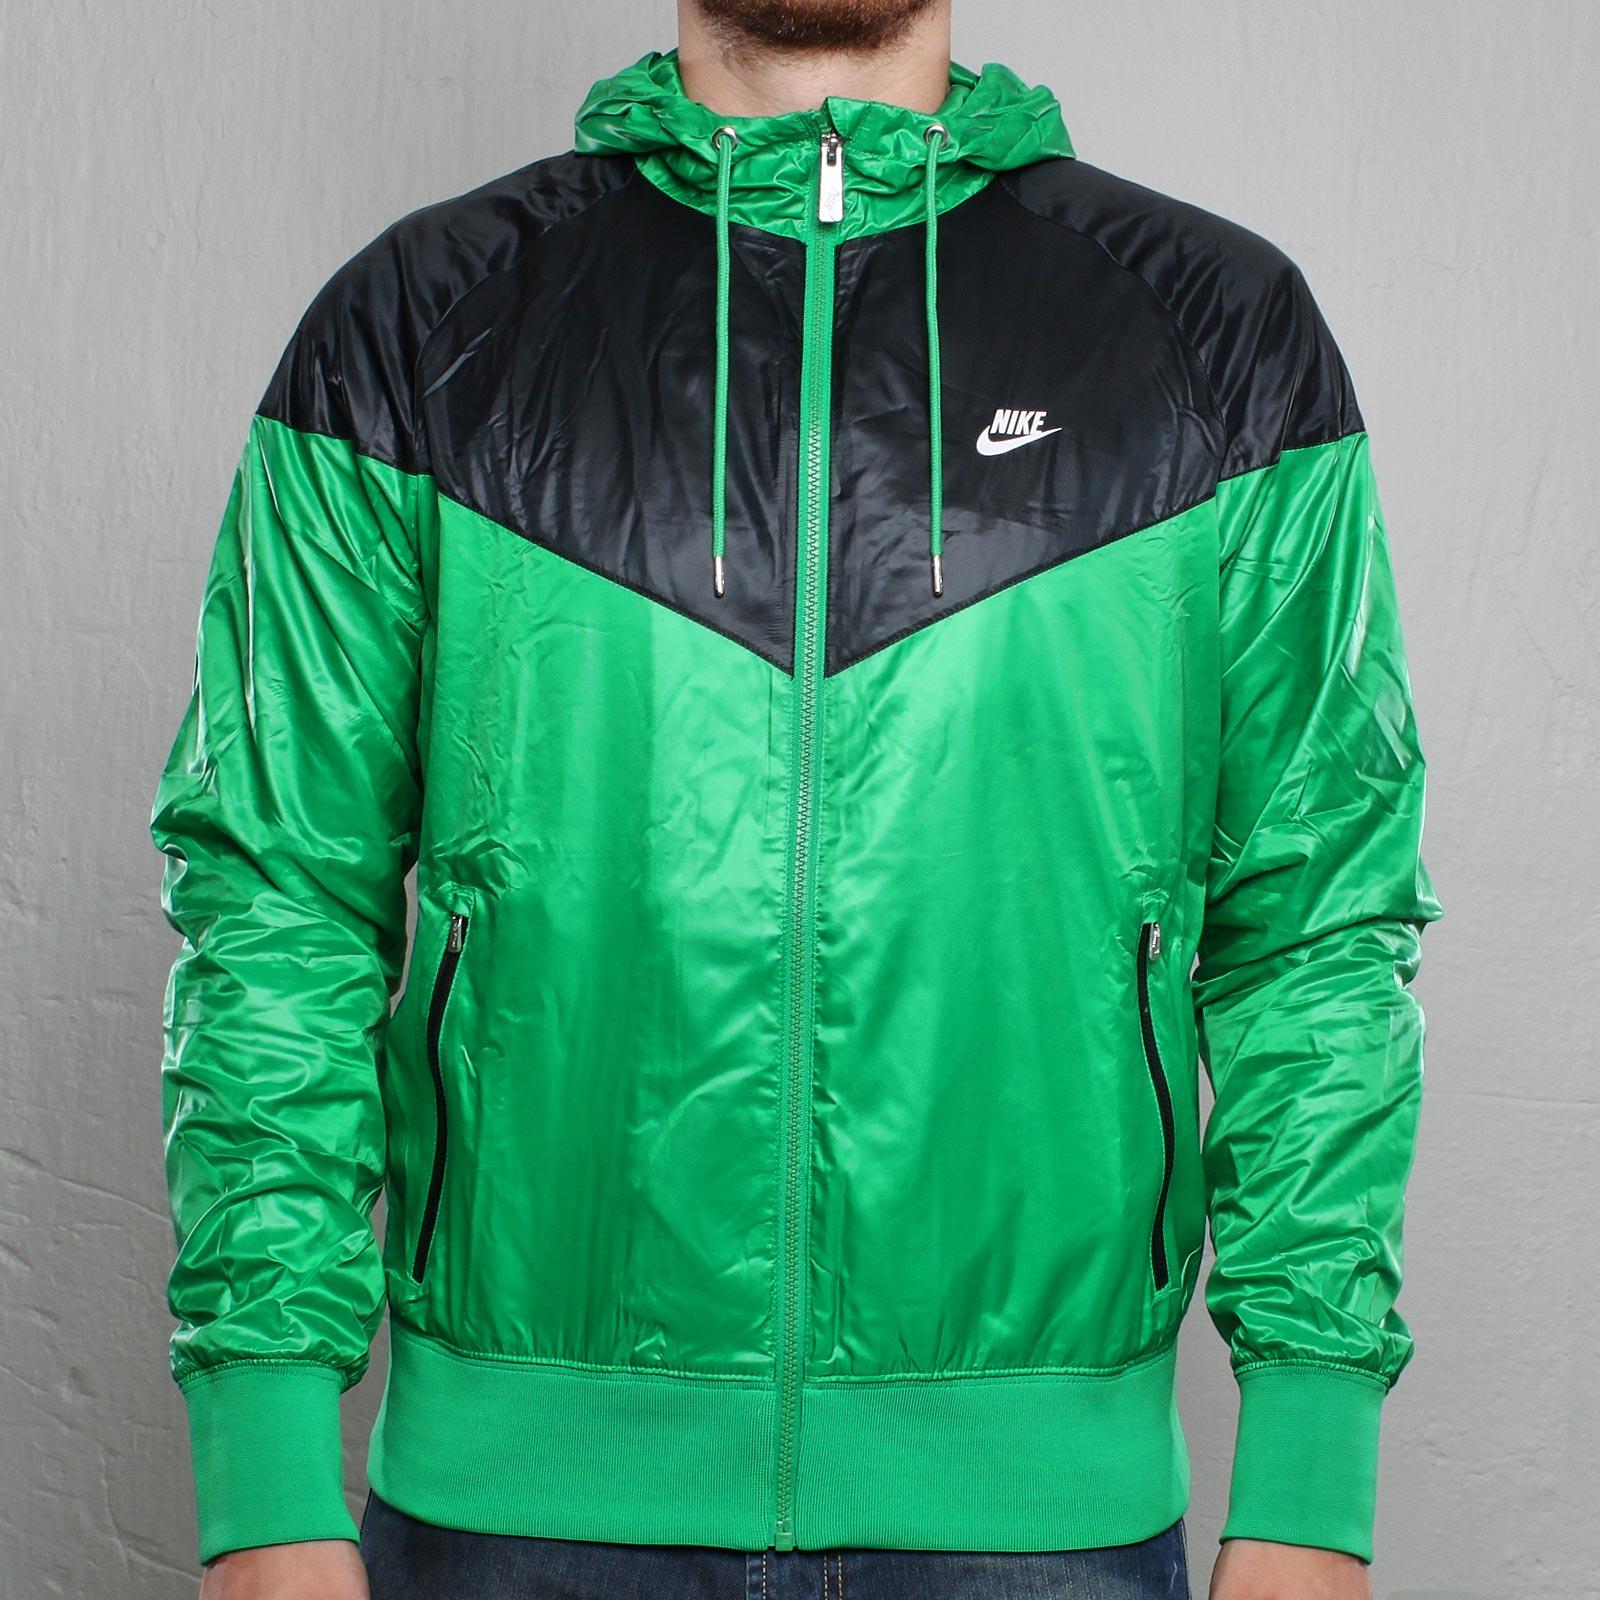 35be751ac0 Nike Windrunner Jacket - 101674 - Sneakersnstuff